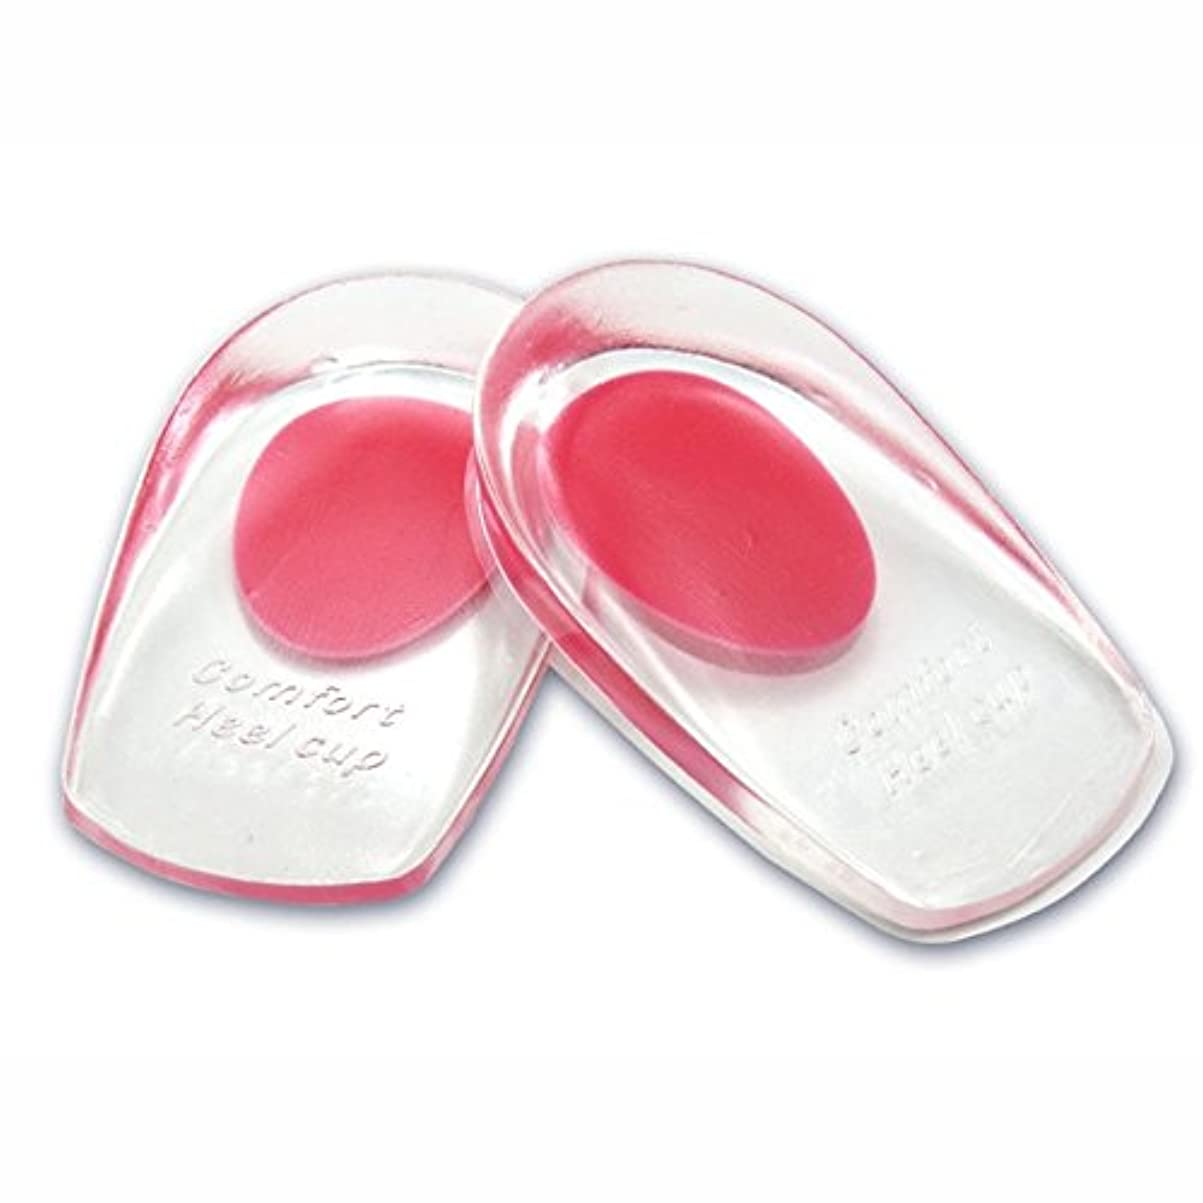 ことわざ征服者指導するシリコンヒールカップ かかとの痛み防止に ソフトシリコン製 インソールクッション 衝撃緩和 立体形状 フィット感抜群 FMTMXCA2S (レッド(靴サイズ22~26cm用))